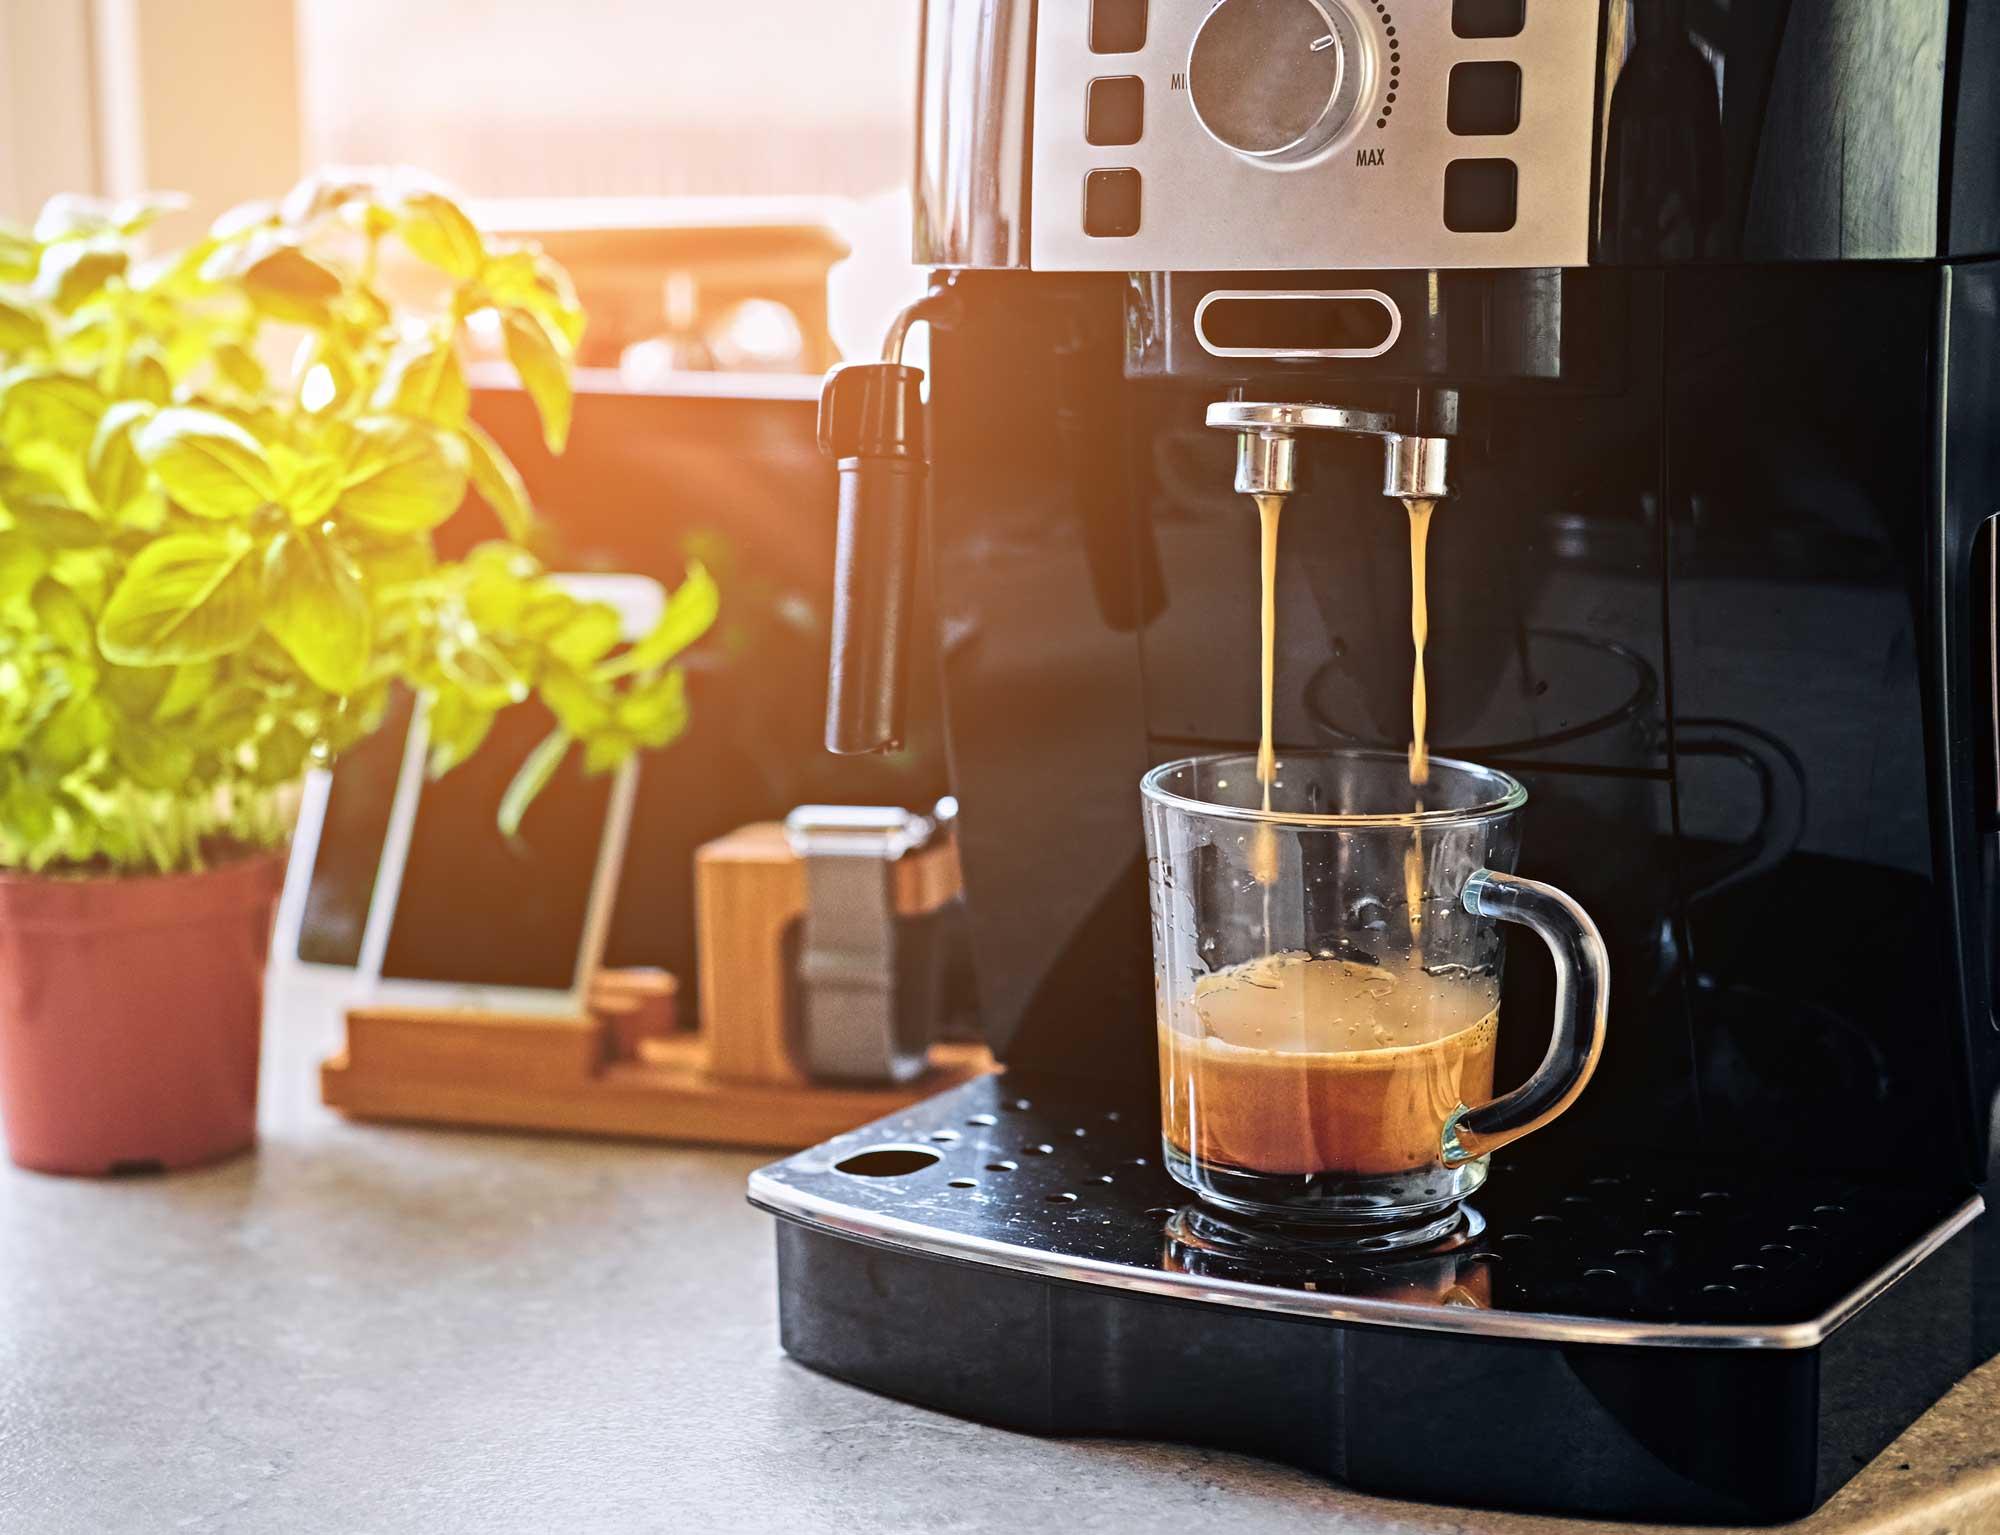 kaffeemaschine reparatur innsbruck